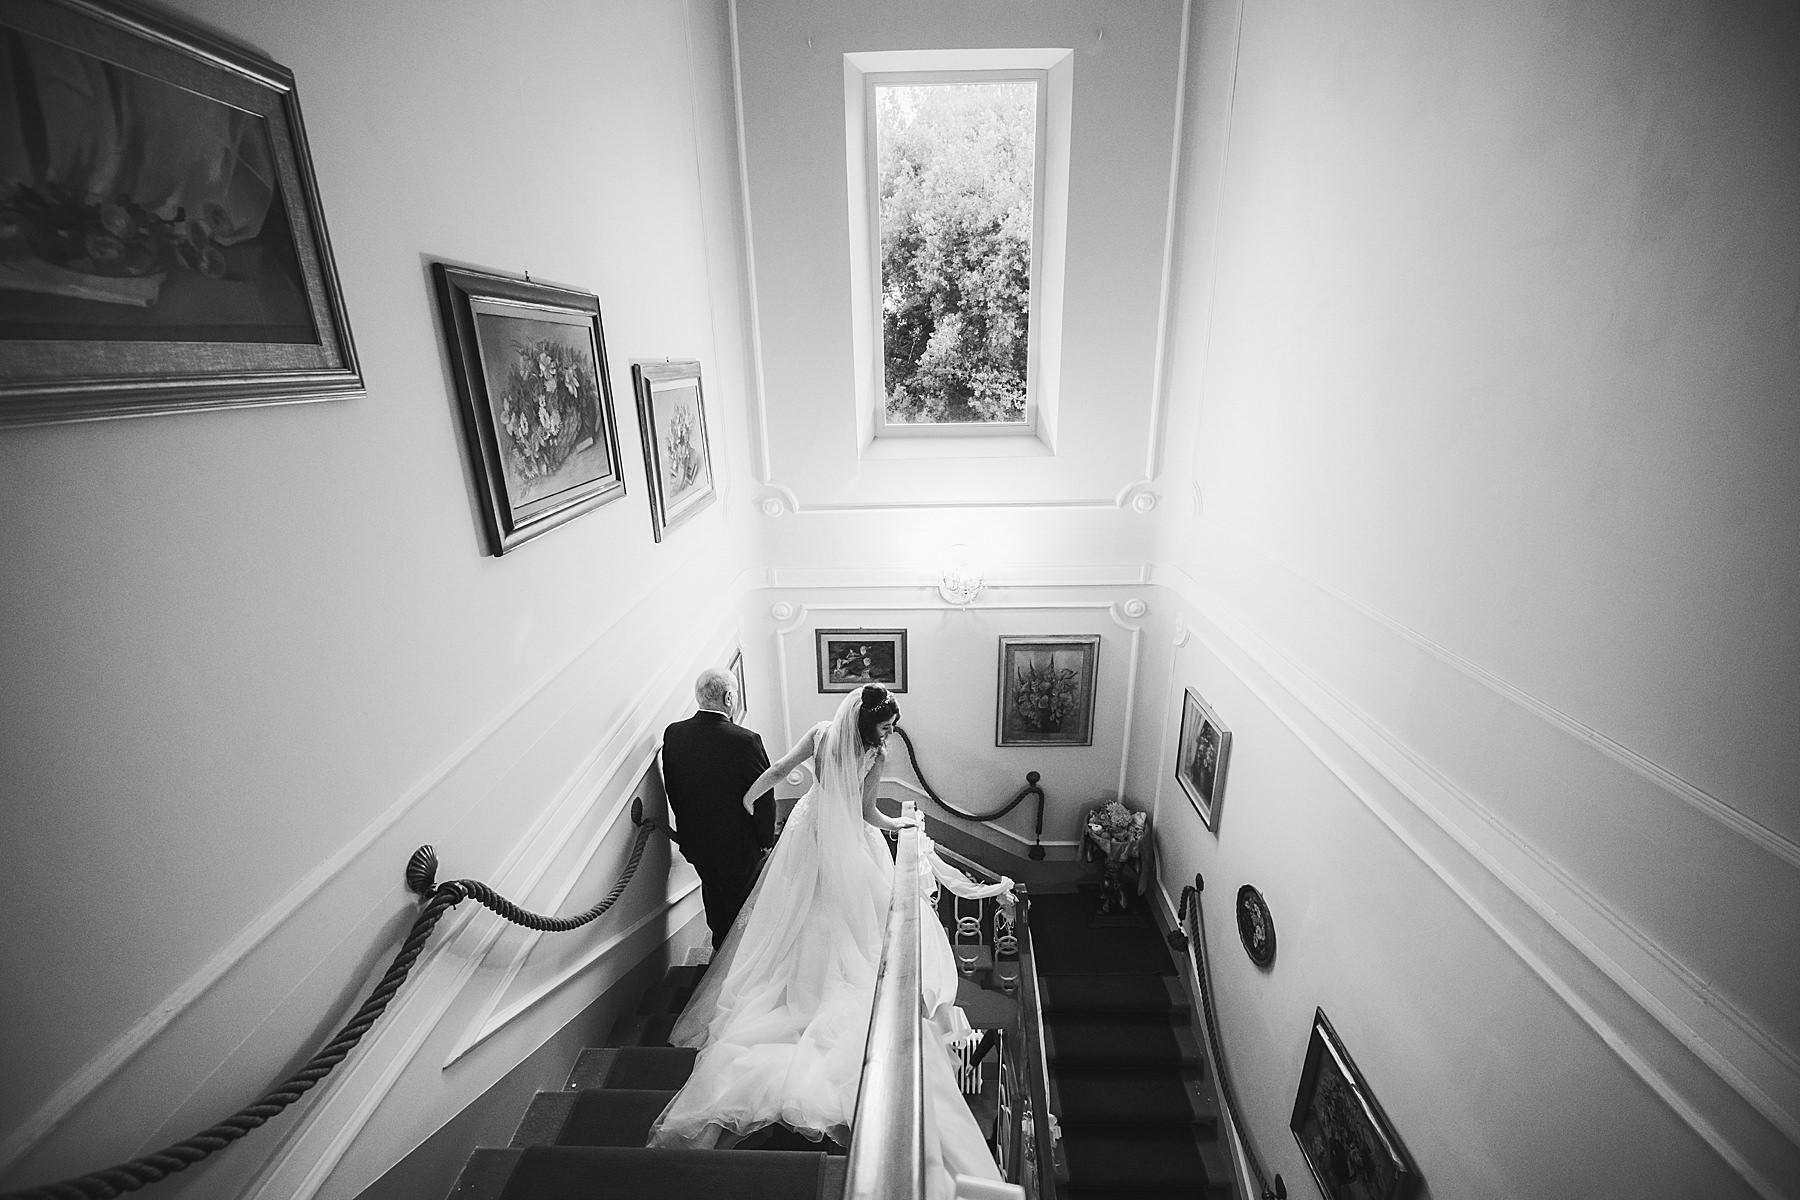 fotografia-di-matrimonio-a-firenze-in-inverno-734.JPG